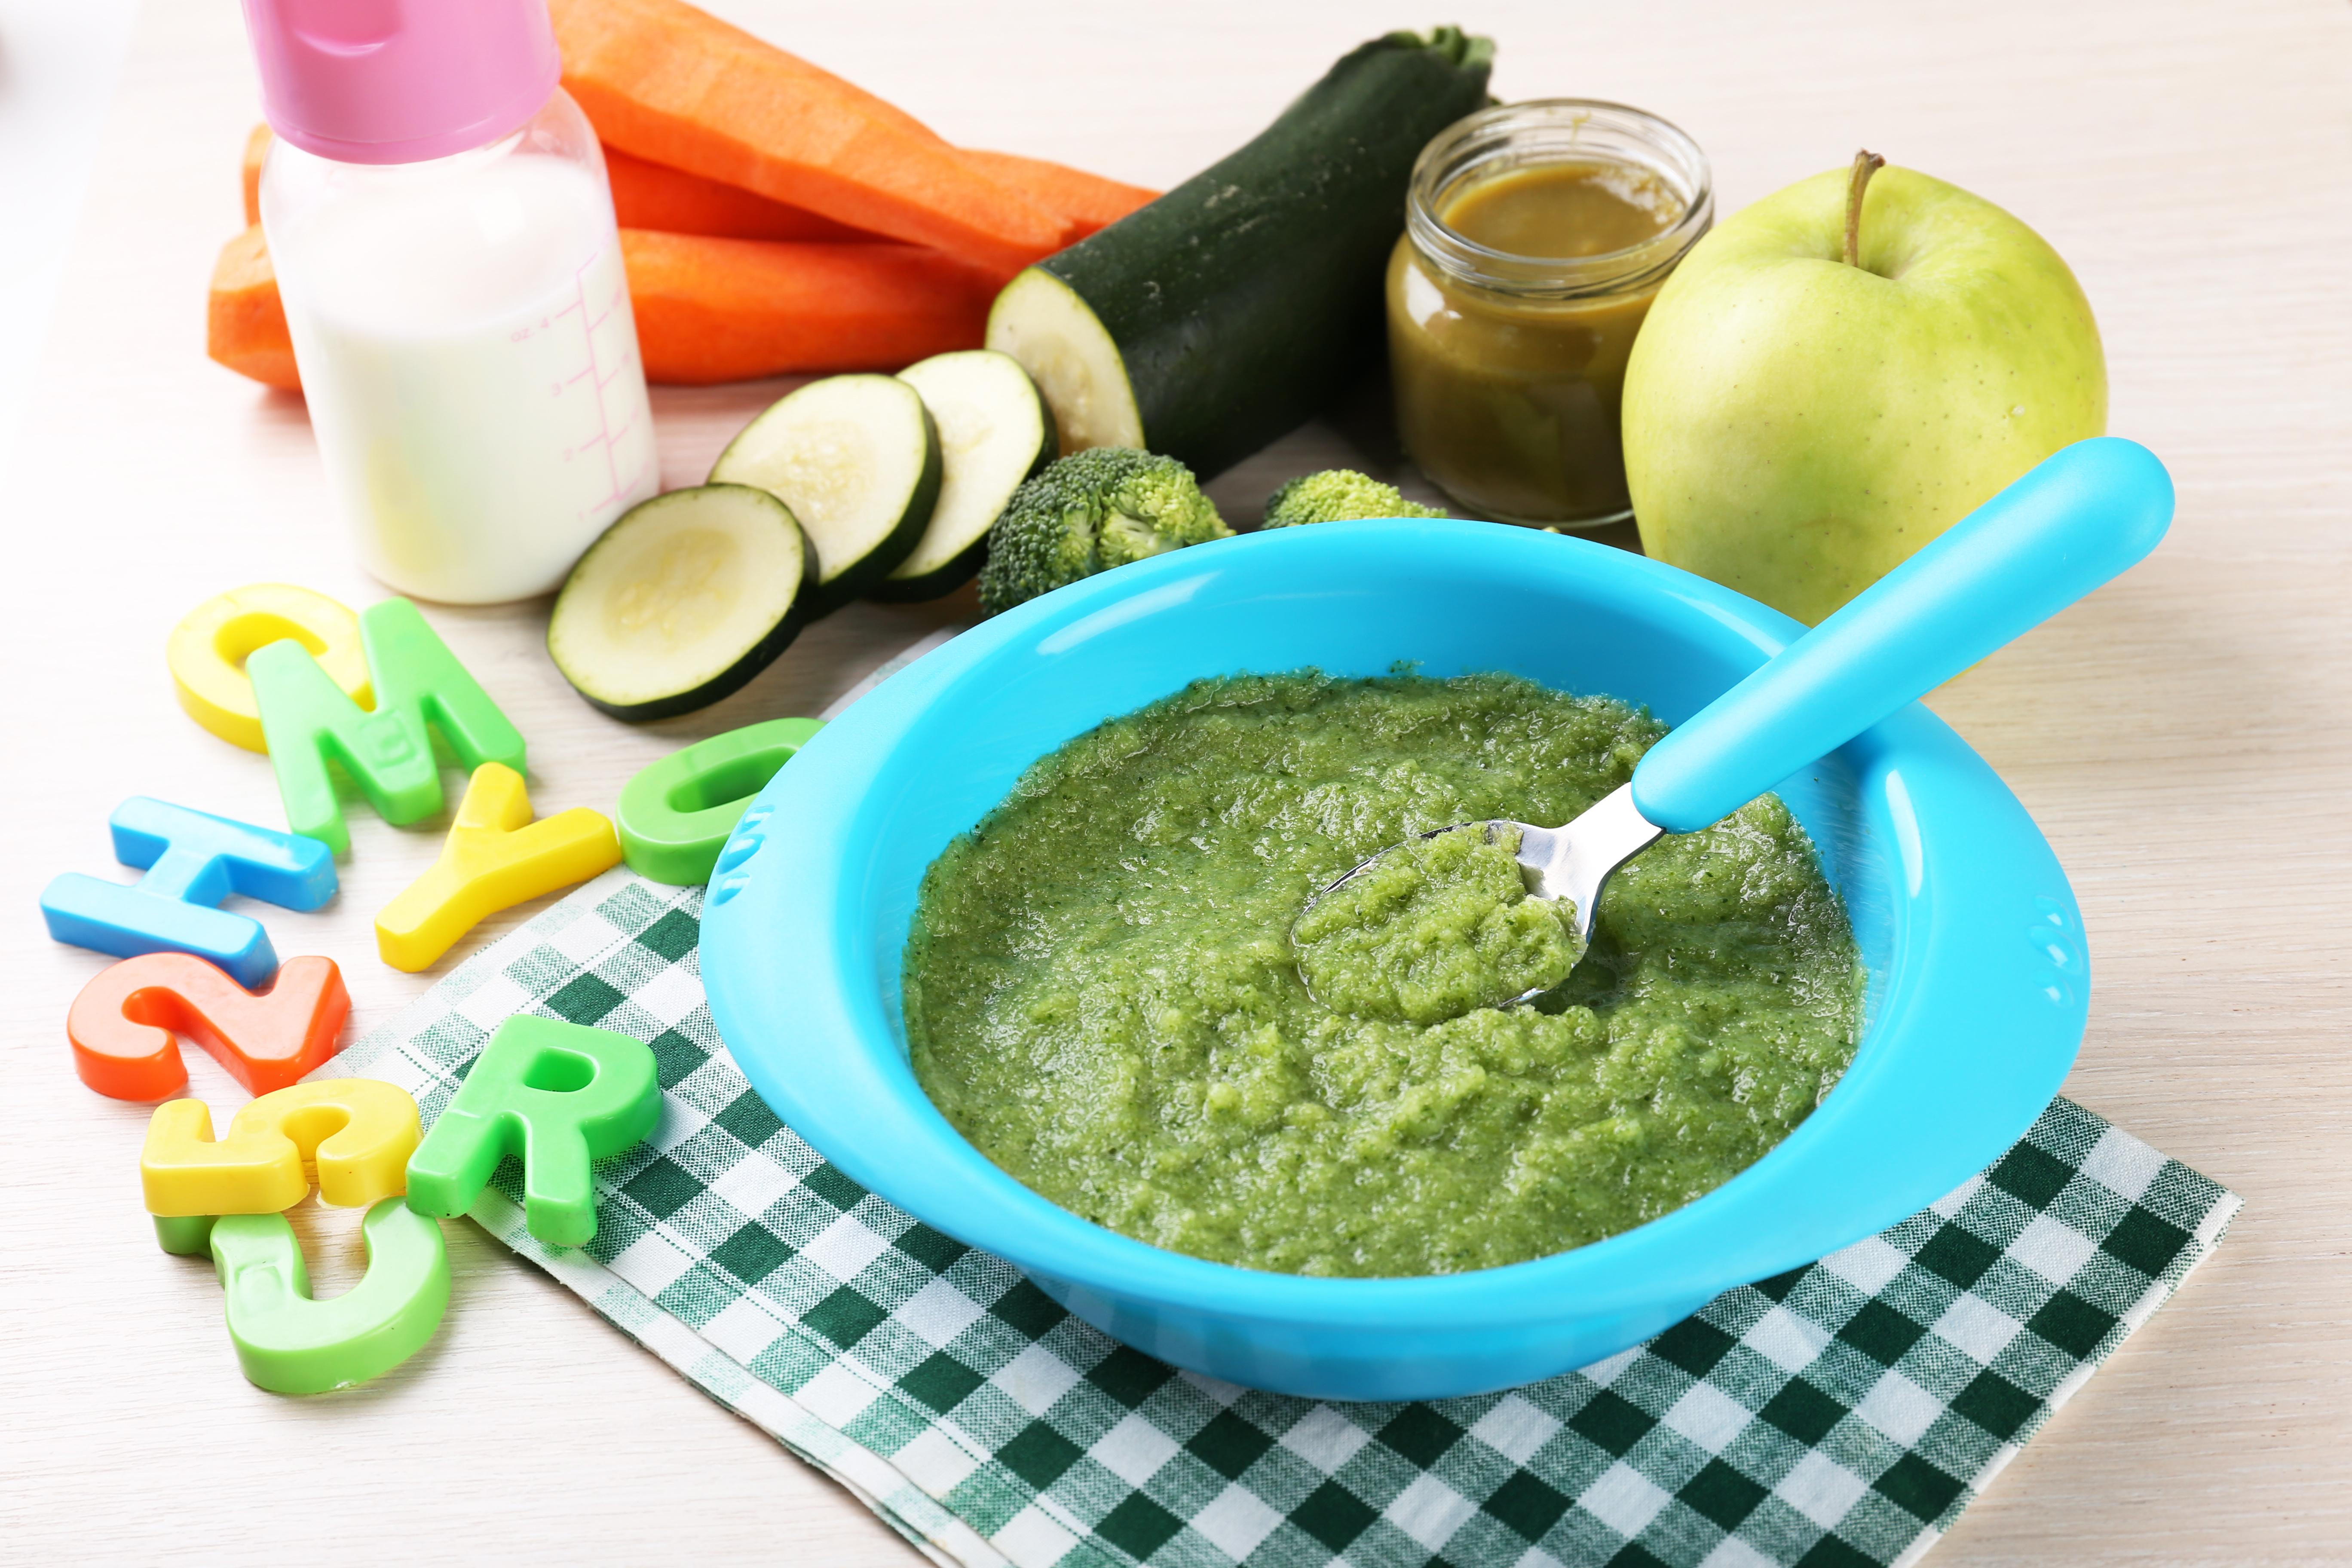 Объем порции овощного пюре на один прием пищи